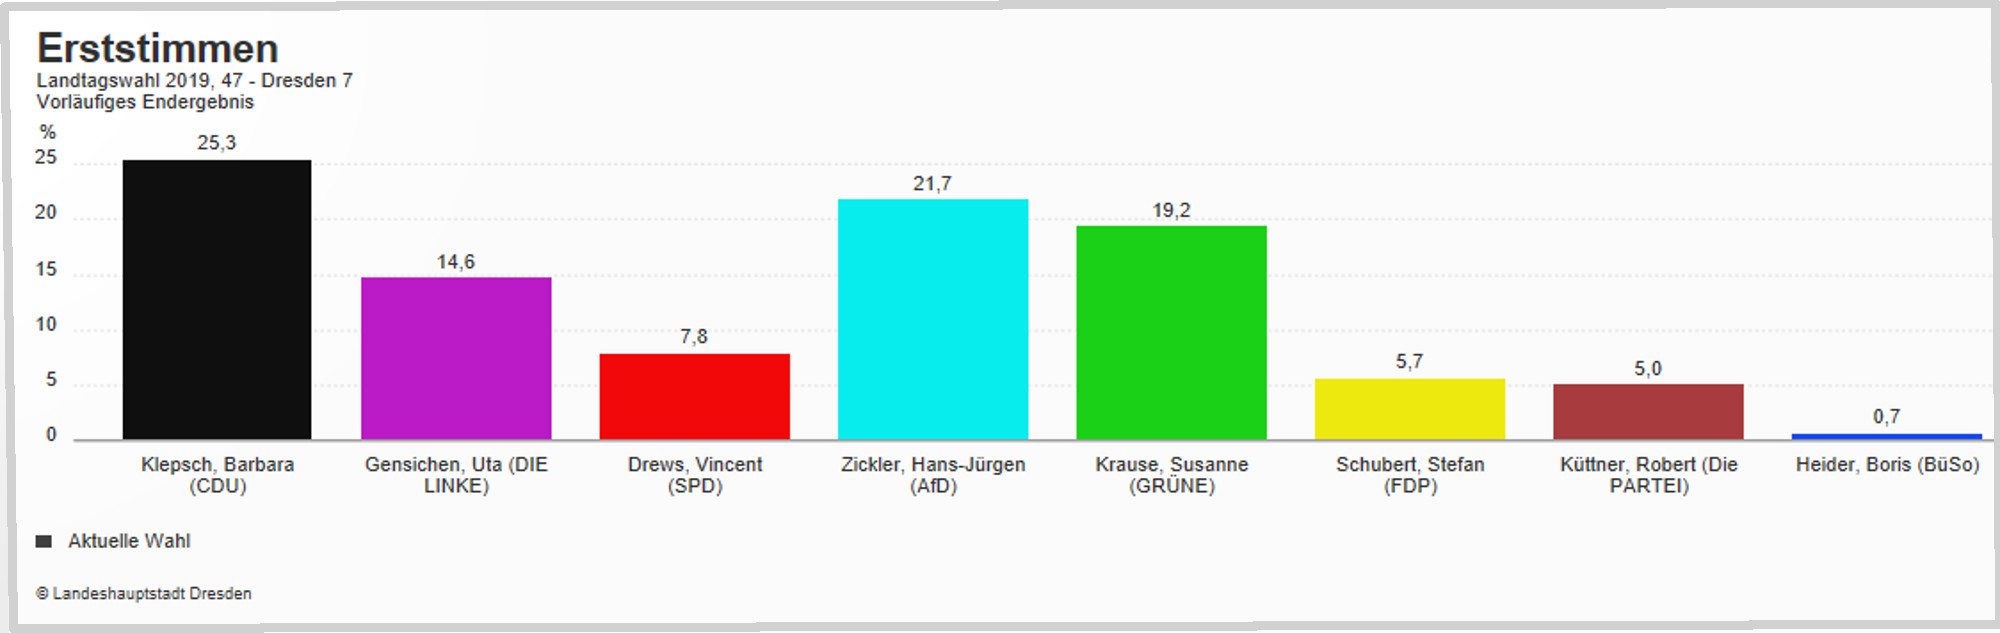 LTW 19 Wahlkreis Dresden 7 Erststimmen